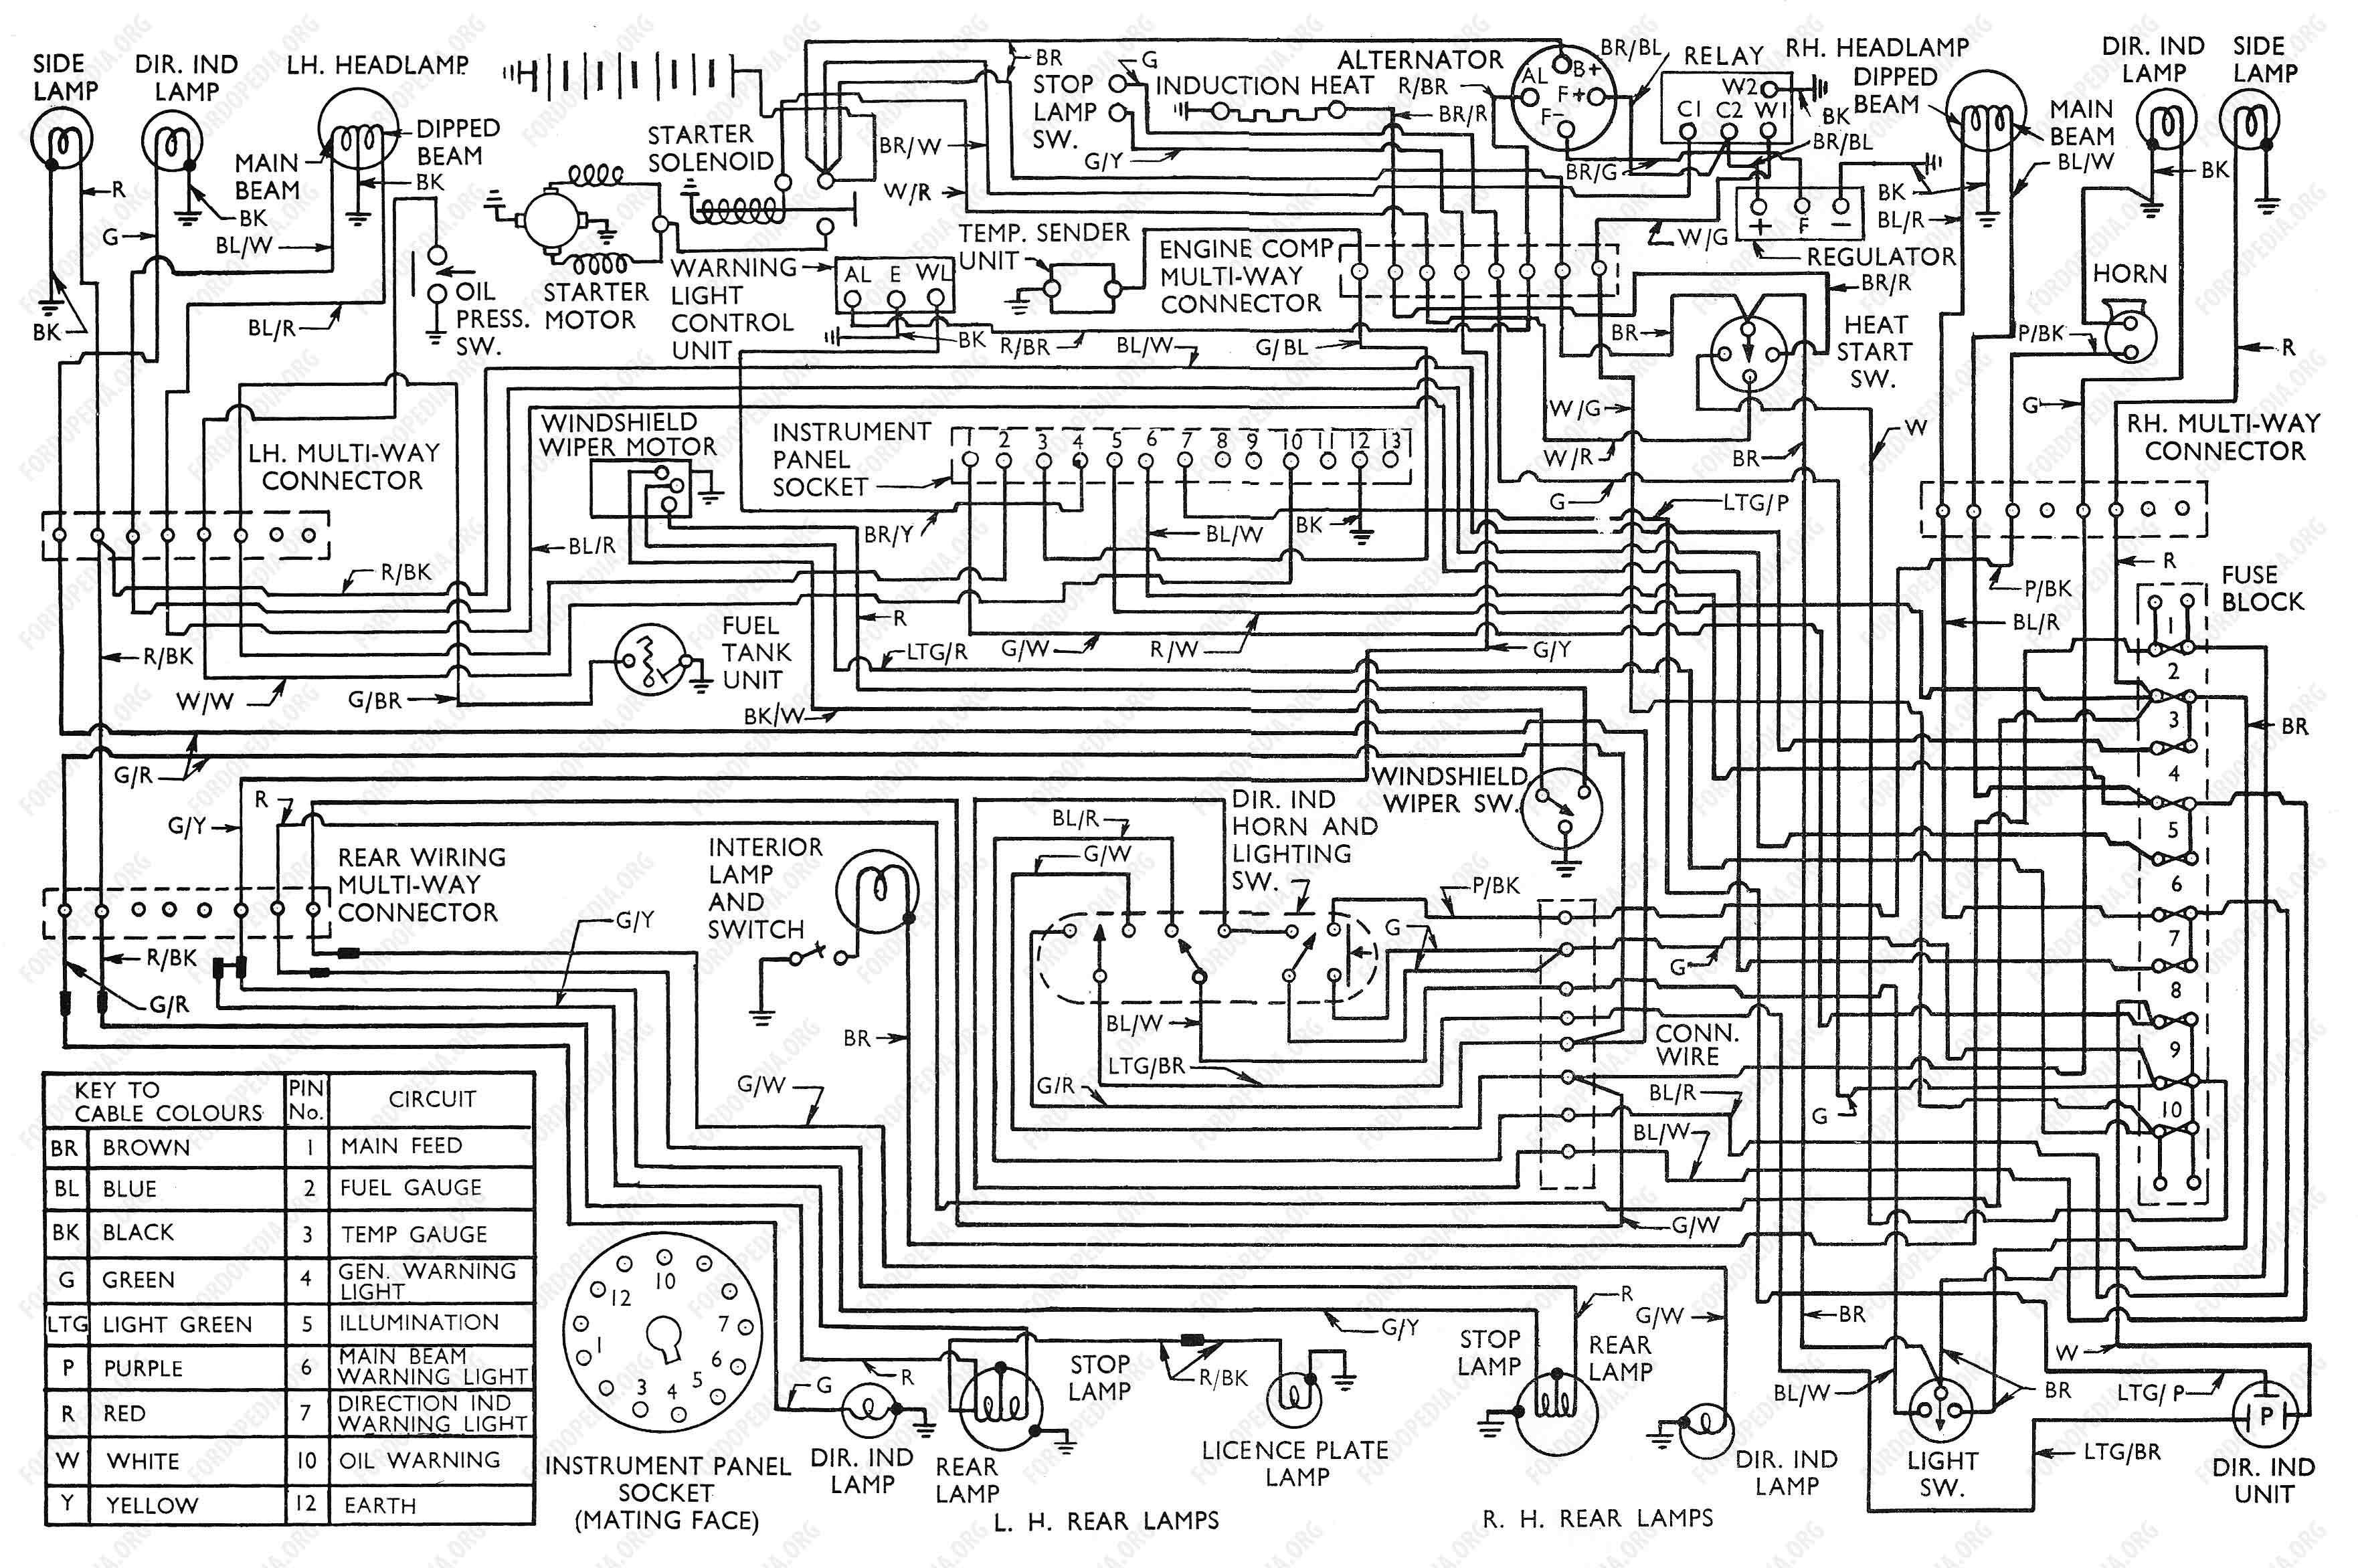 ford transit wiring diagram download wiring diagram show